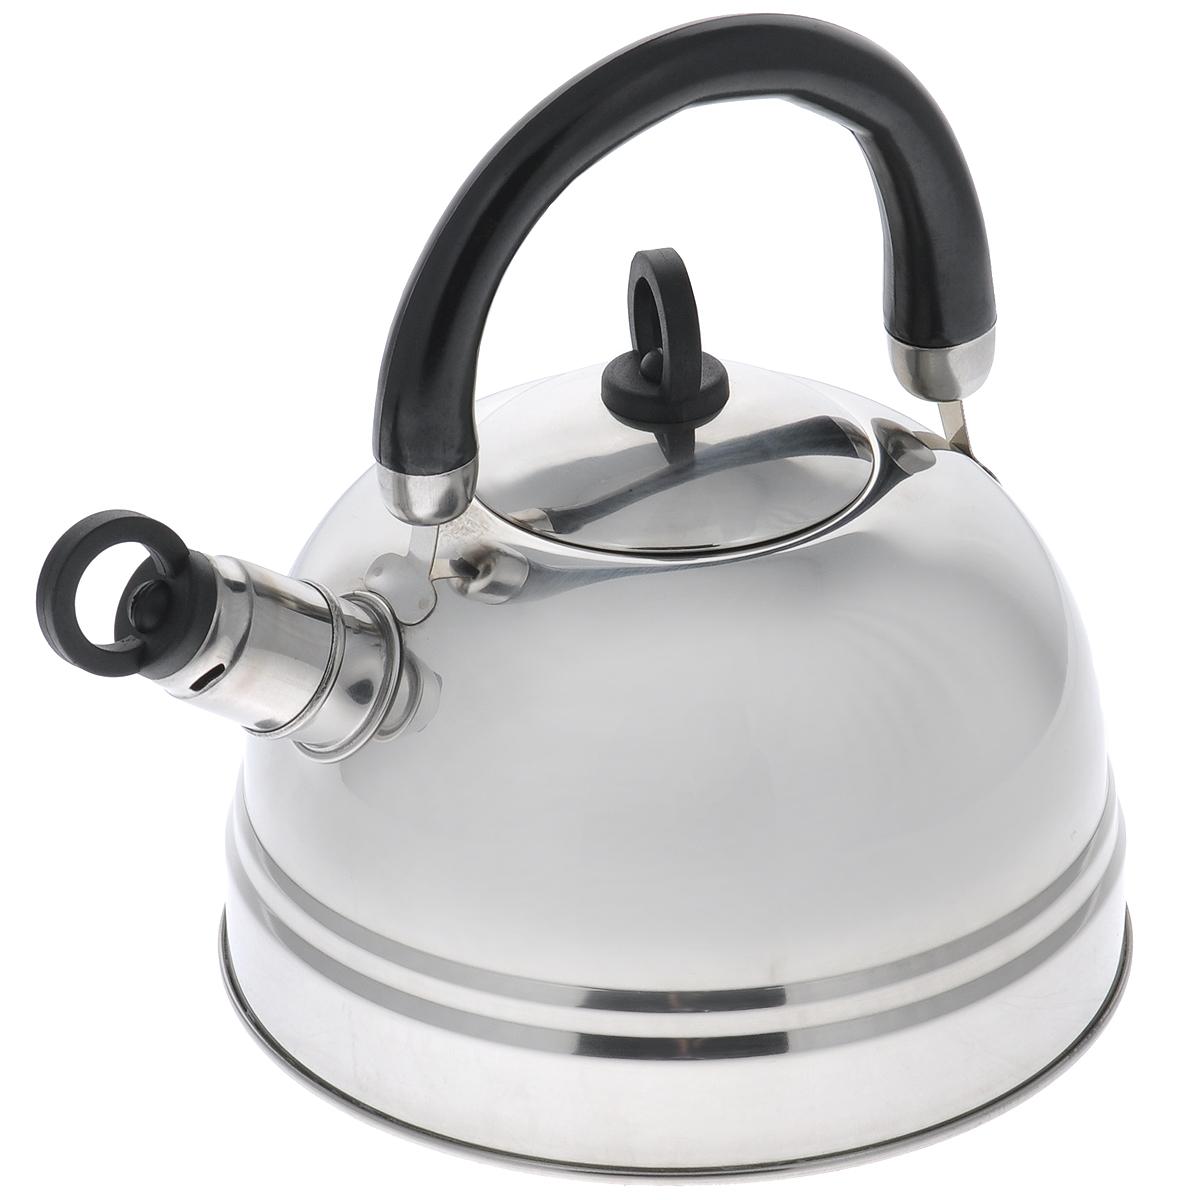 Чайник Bekker Koch, со свистком, цвет: черный, 2,5 л. BK-S367M115510Чайник Bekker Koch изготовлен из высококачественной нержавеющей стали с зеркальной полировкой. Капсулированное дно распределяет тепло по всей поверхности, что позволяет чайнику быстро закипать. Эргономичная подвижная ручка выполнена из бакелита оригинального дизайна. Носик оснащен съемным свистком, который подскажет, когда вода закипела. Можно мыть мыть в посудомоечной машине.Толщина стенок: 0,4 мм.Высота чайника (без учета ручки): 12 см. Высота чайника (с учетом ручки): 22,5 см.